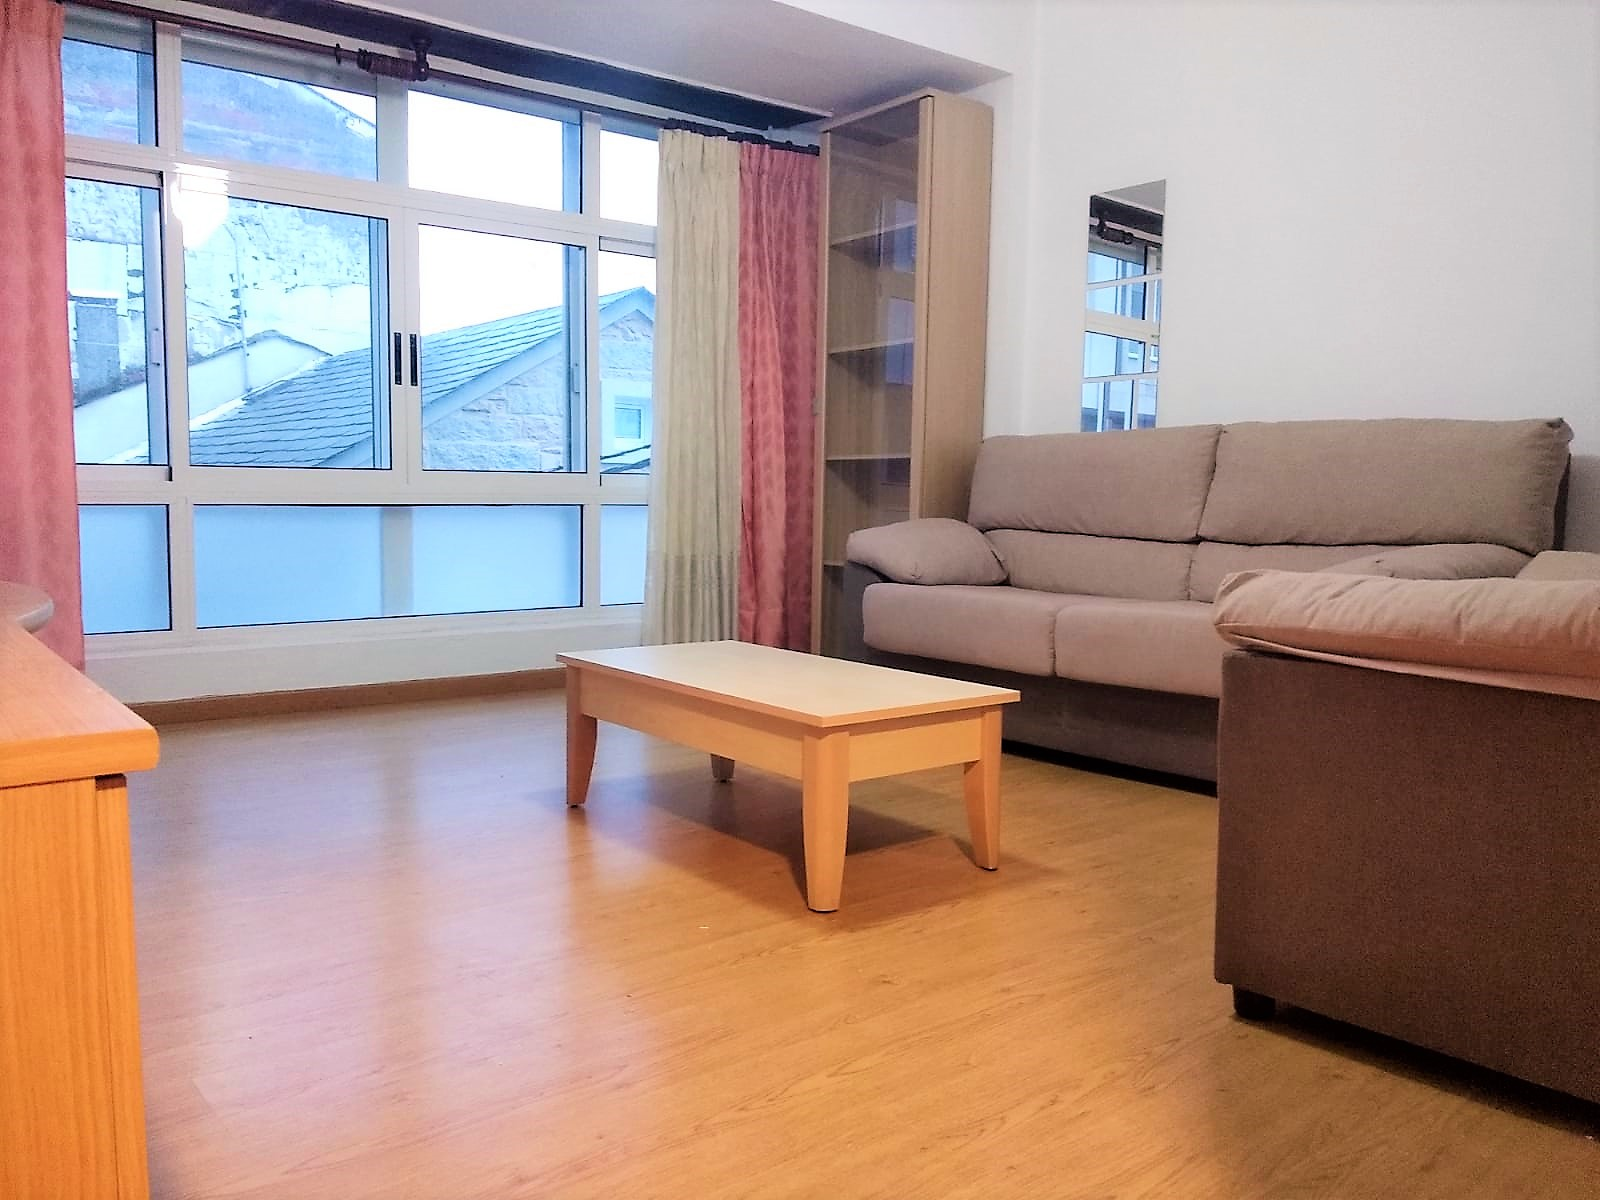 Primer piso reformado con terraza – a 850 metros del centro de Lugo